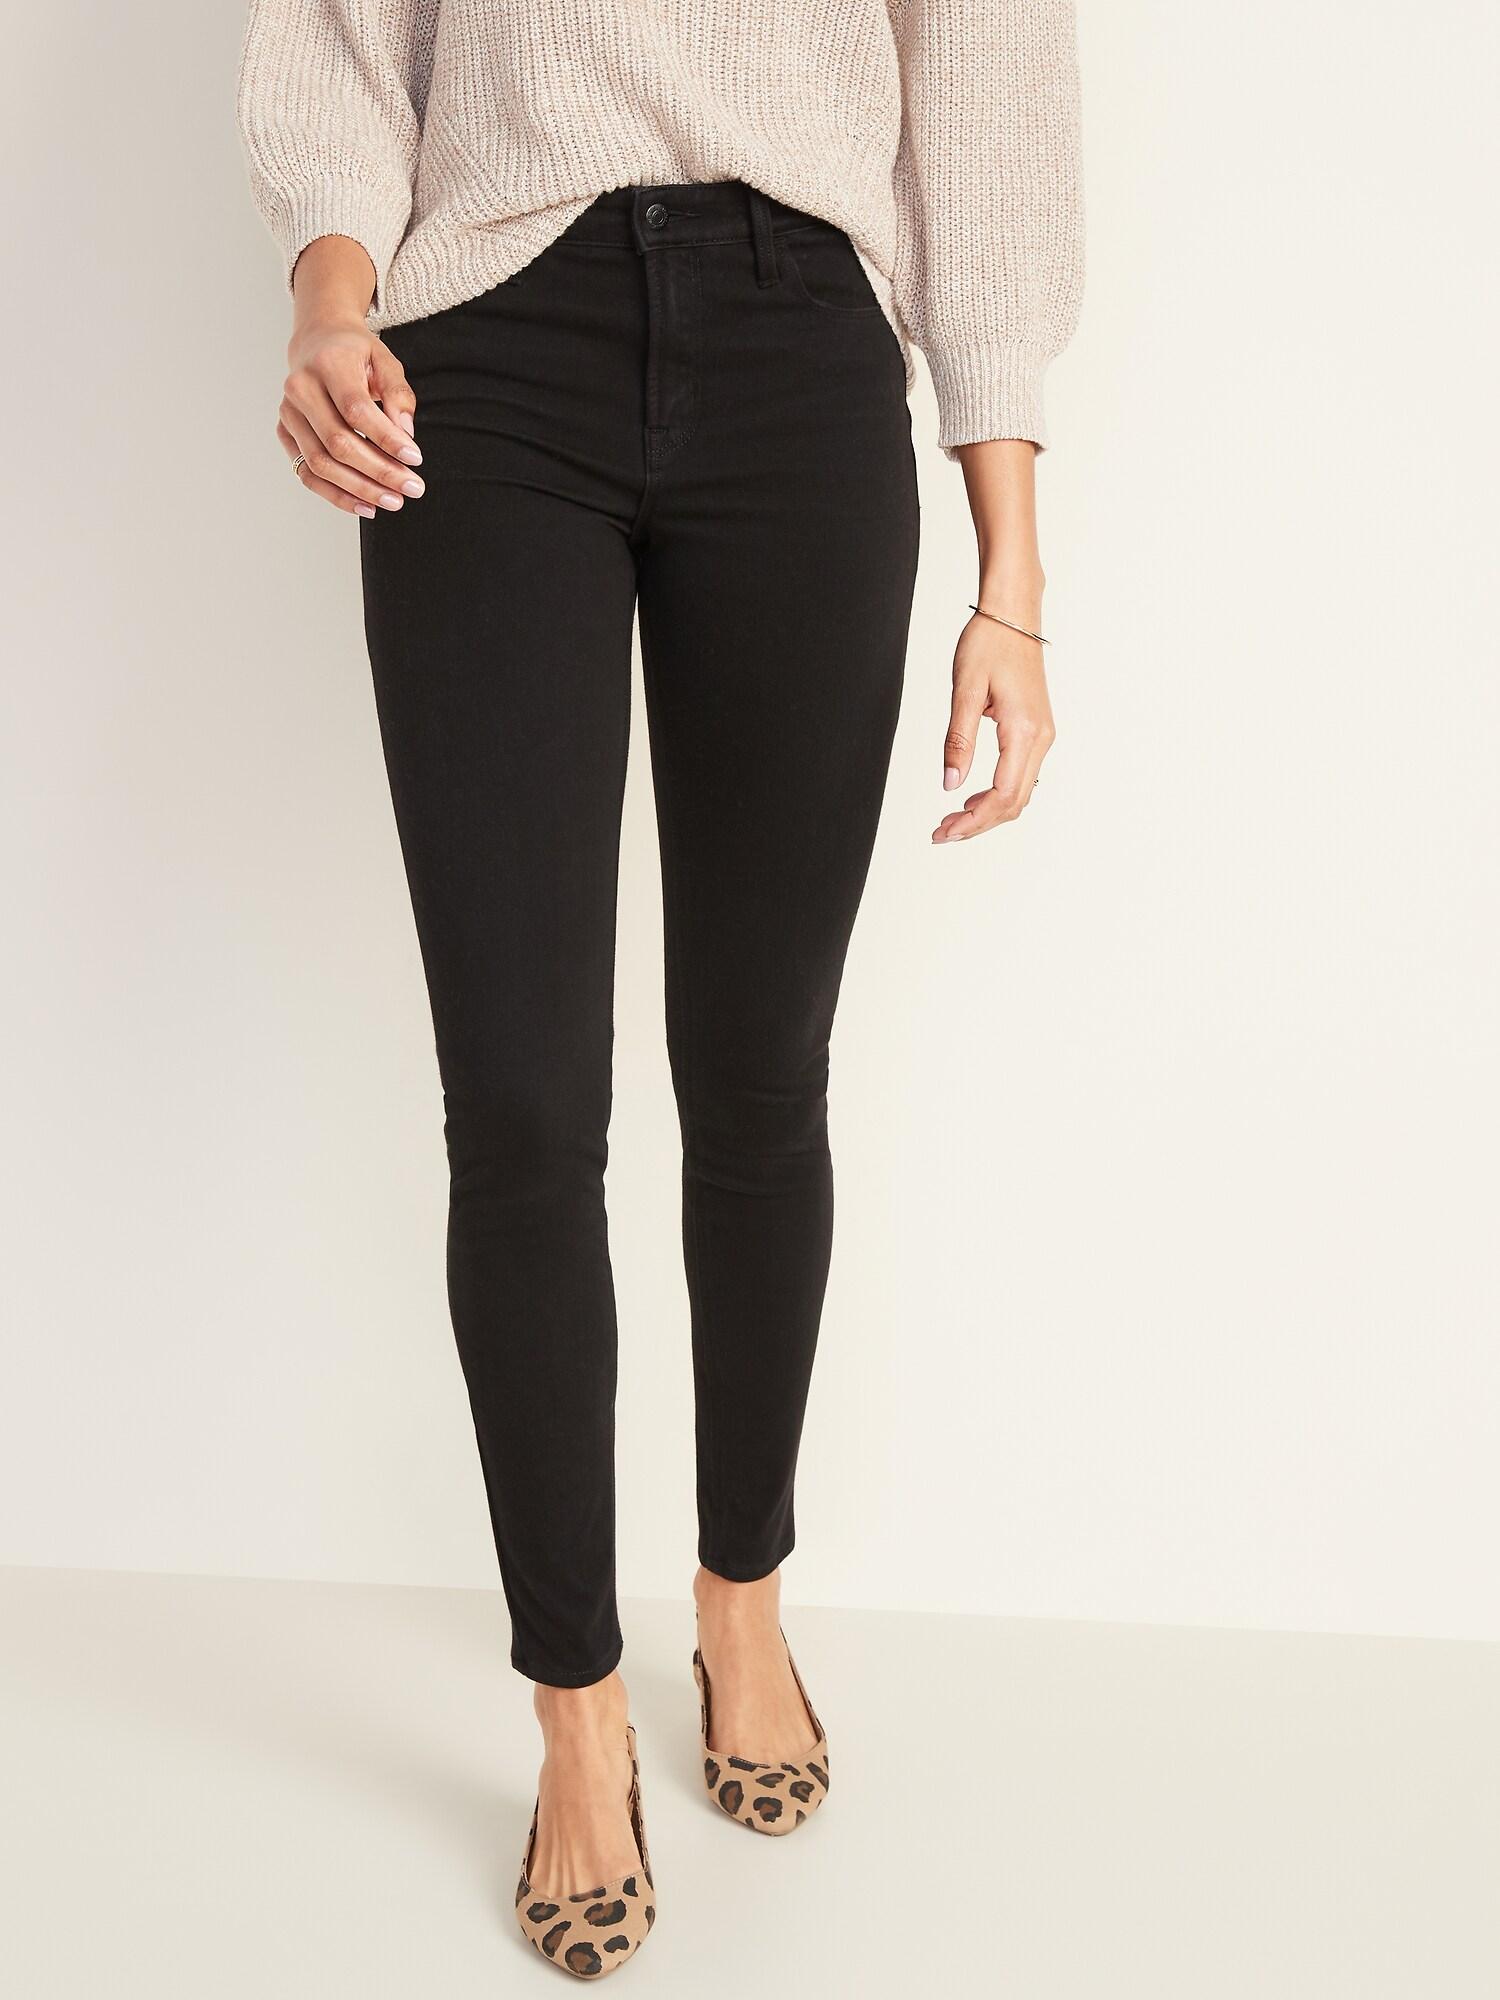 Ladies Womens High Waist Black Trousers School Work Skinny Pants Stretchy